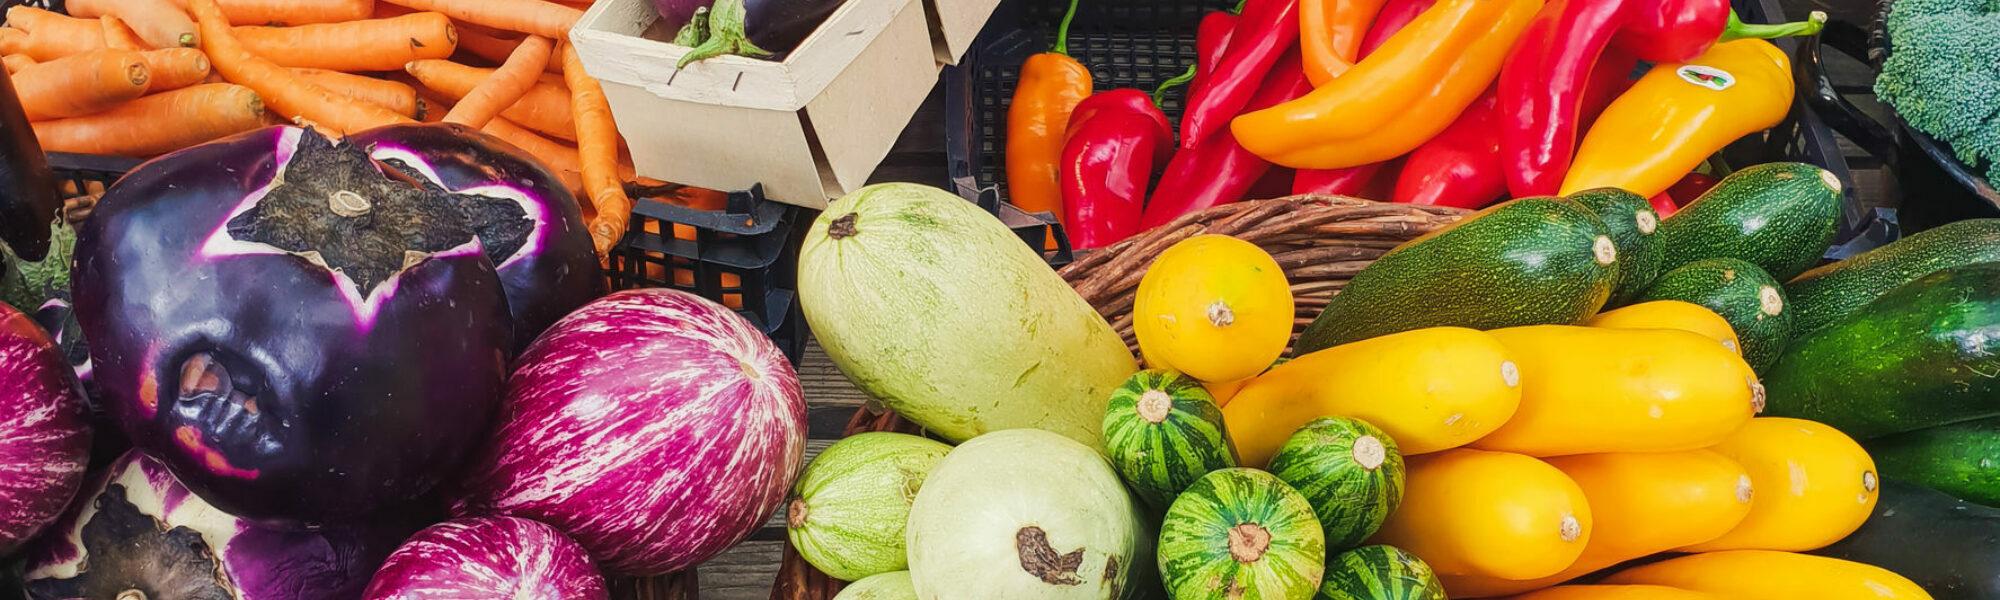 Aarauer Gemüsemarkt